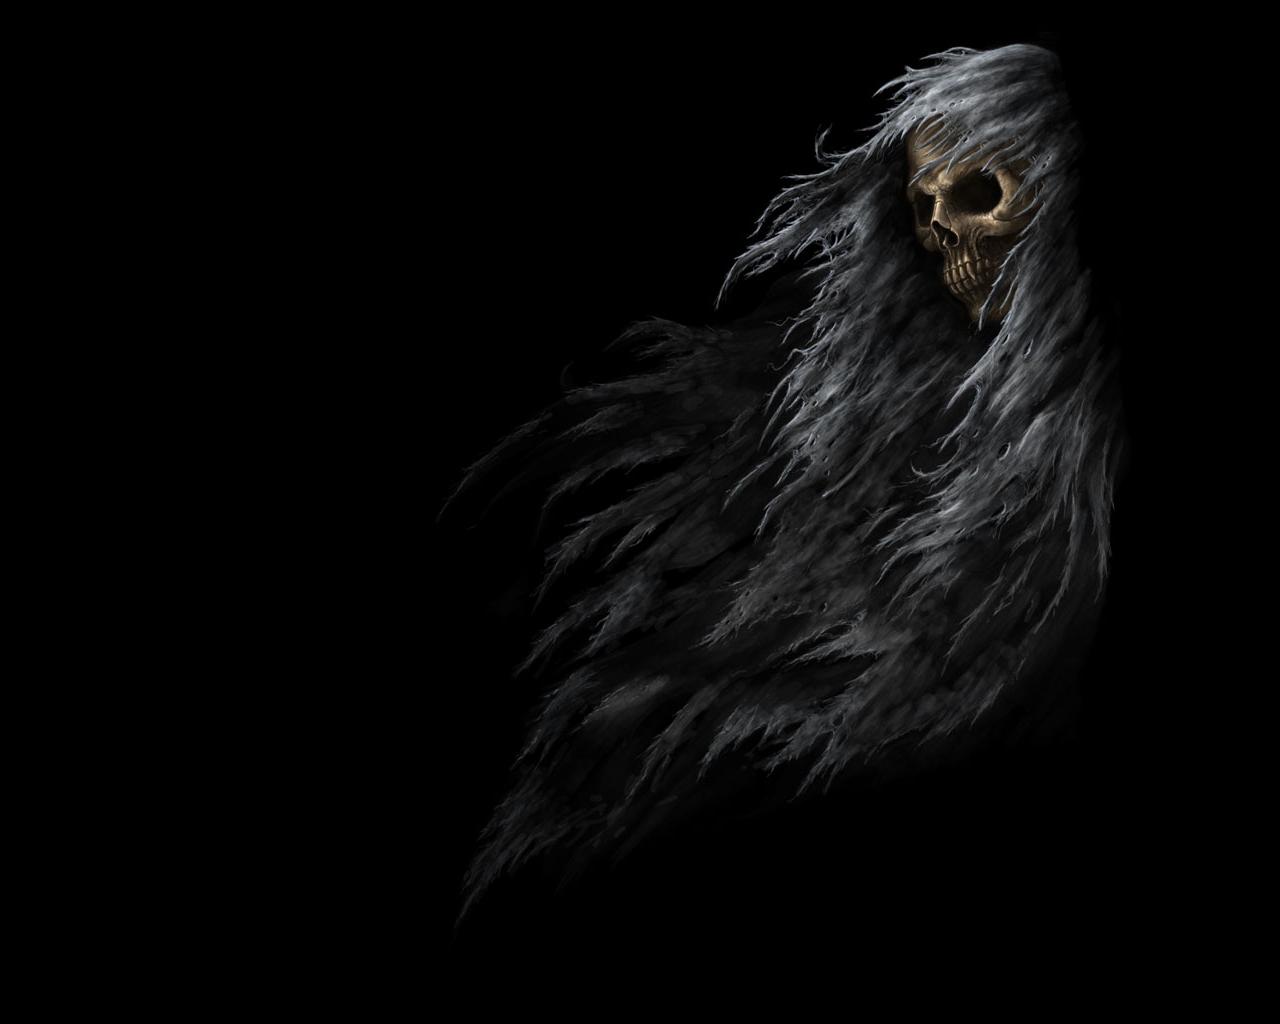 http://4.bp.blogspot.com/-Wdmvu_-lr7I/TqPQ171LkEI/AAAAAAAACp8/osCT6oSp_jk/s1600/Skull+_wallpapers_Skull_Girl.jpg